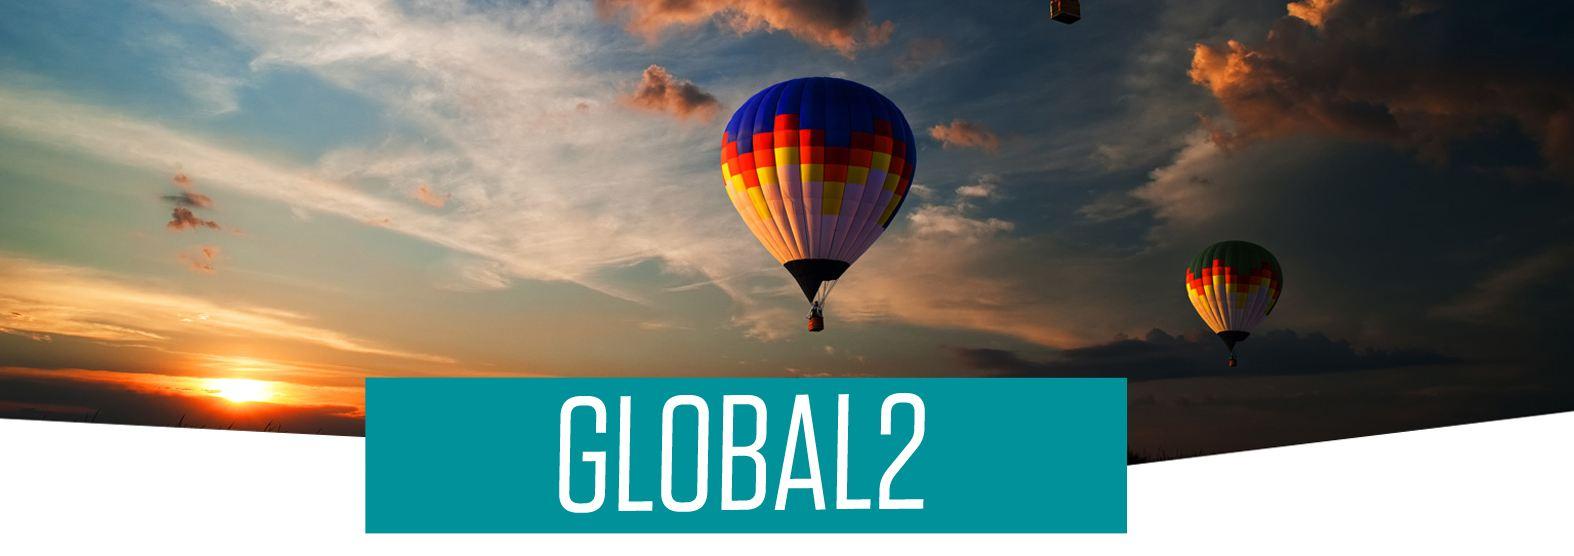 Global2 Webinar